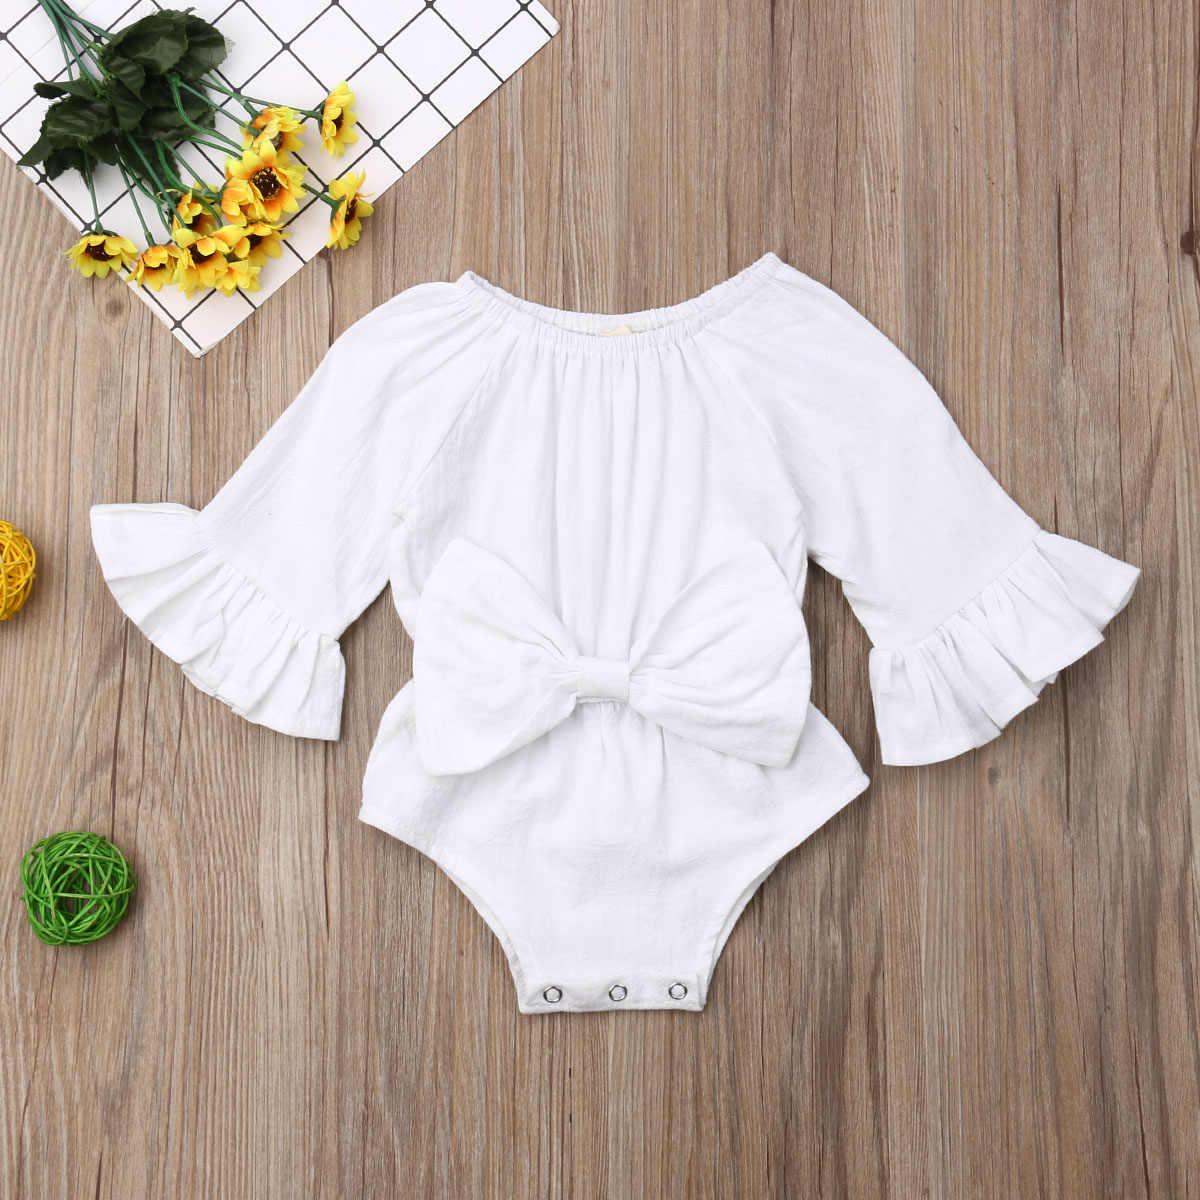 Новинка; милая Одежда для маленьких девочек; боди с длинными рукавами; летняя цельная одежда